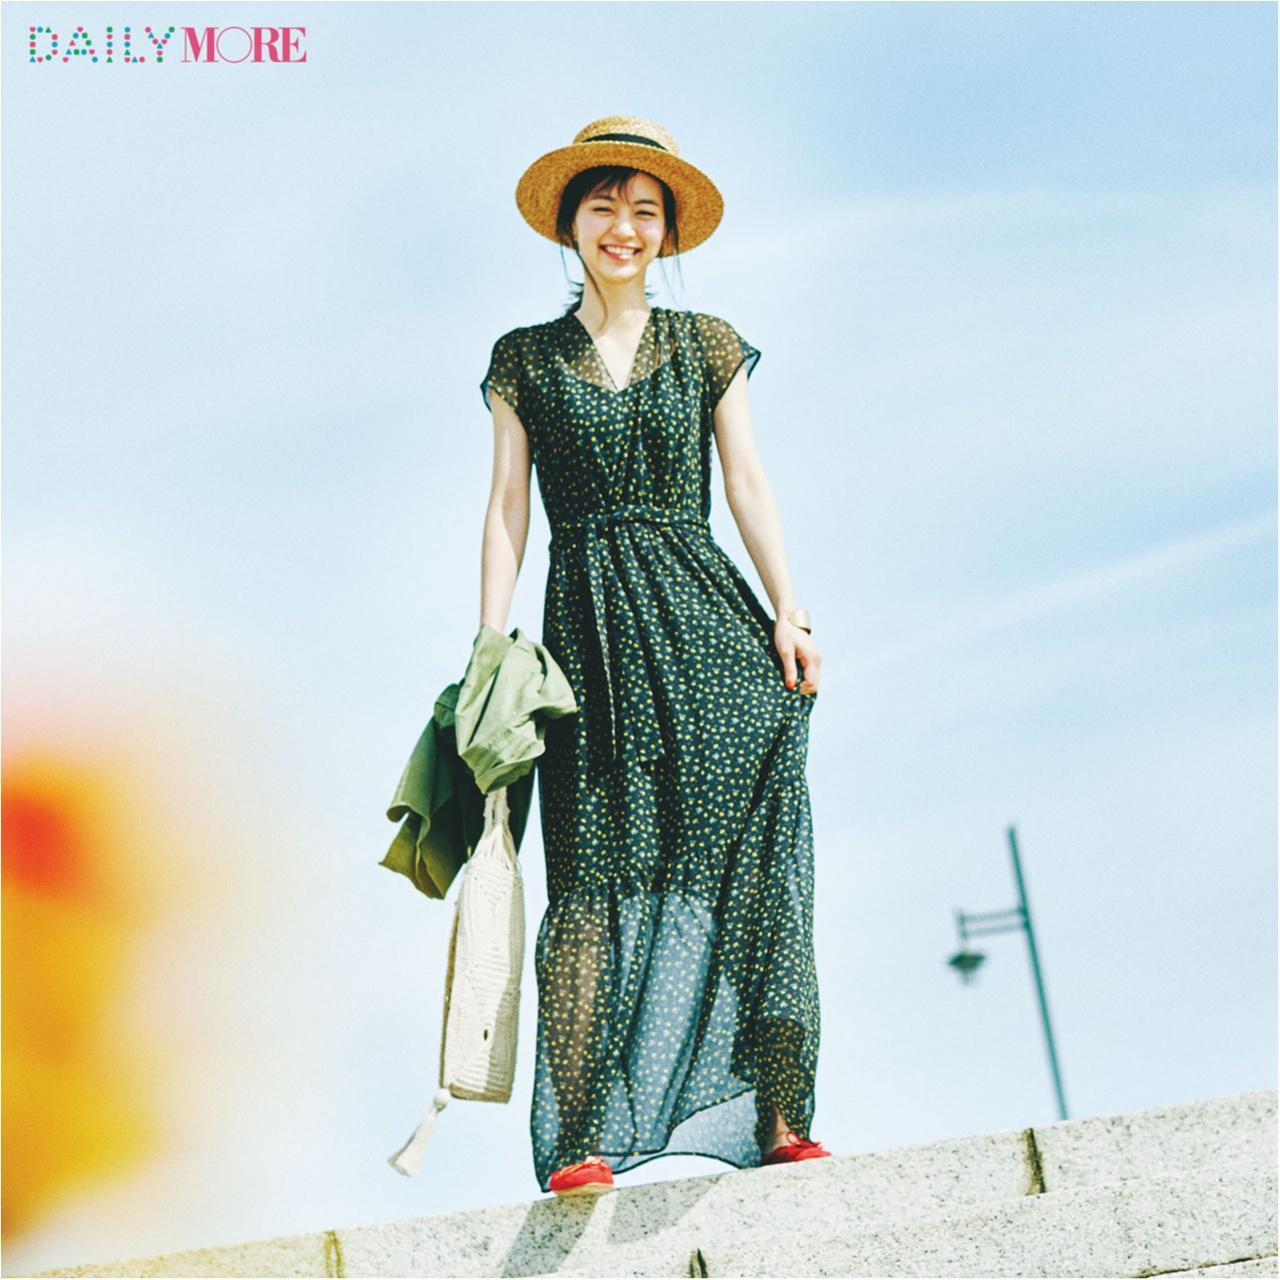 【今日のコーデ/逢沢りな】夏らしさも可愛さもゲットできる、花柄のサマードレスを一枚で♪_1